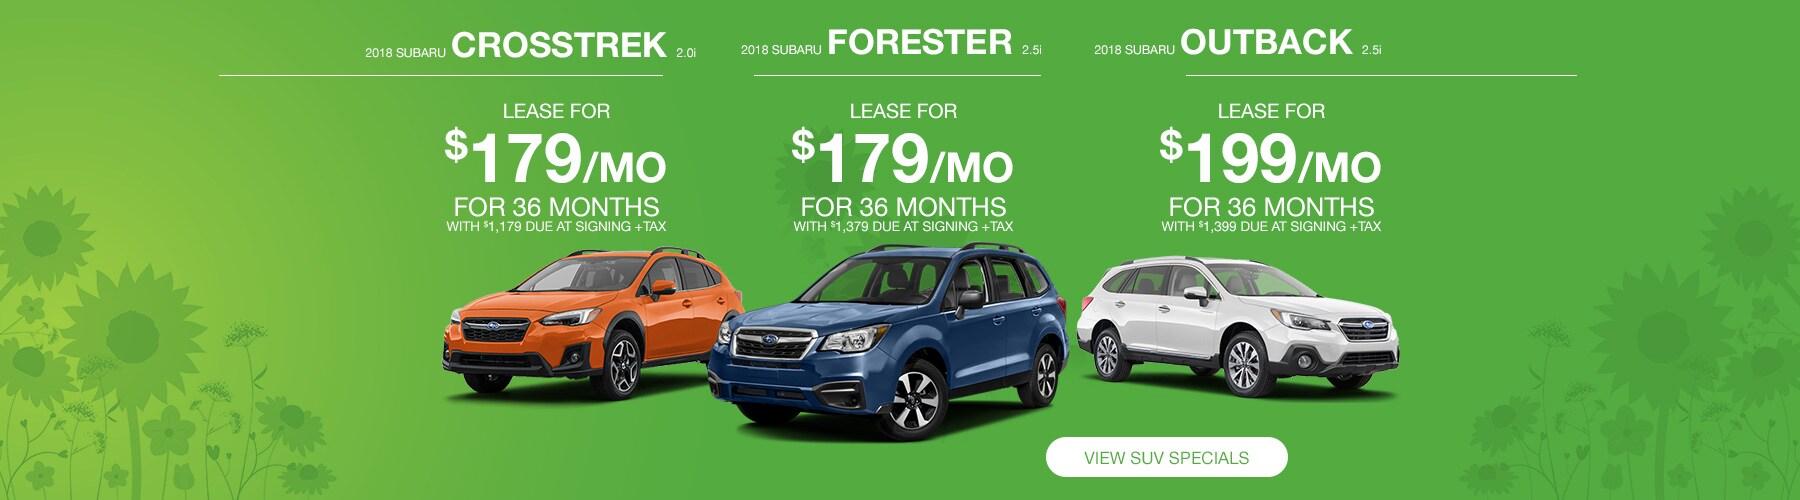 Subaru Dealership Colorado Springs >> New & Used Subaru Sales in Colorado Springs CO | Heuberger ...